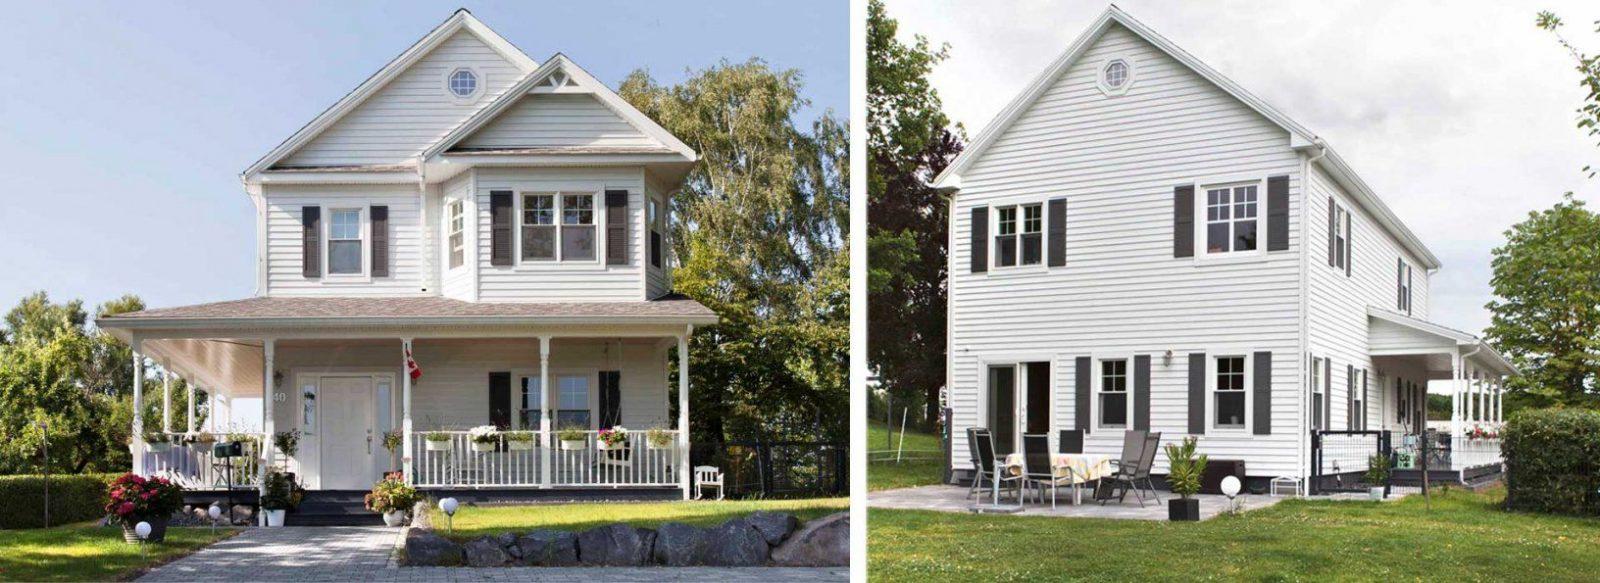 Bostonhaus  Amerikanische Häuser  Startseite von Amerikanische Häuser Bauen In Deutschland Bild